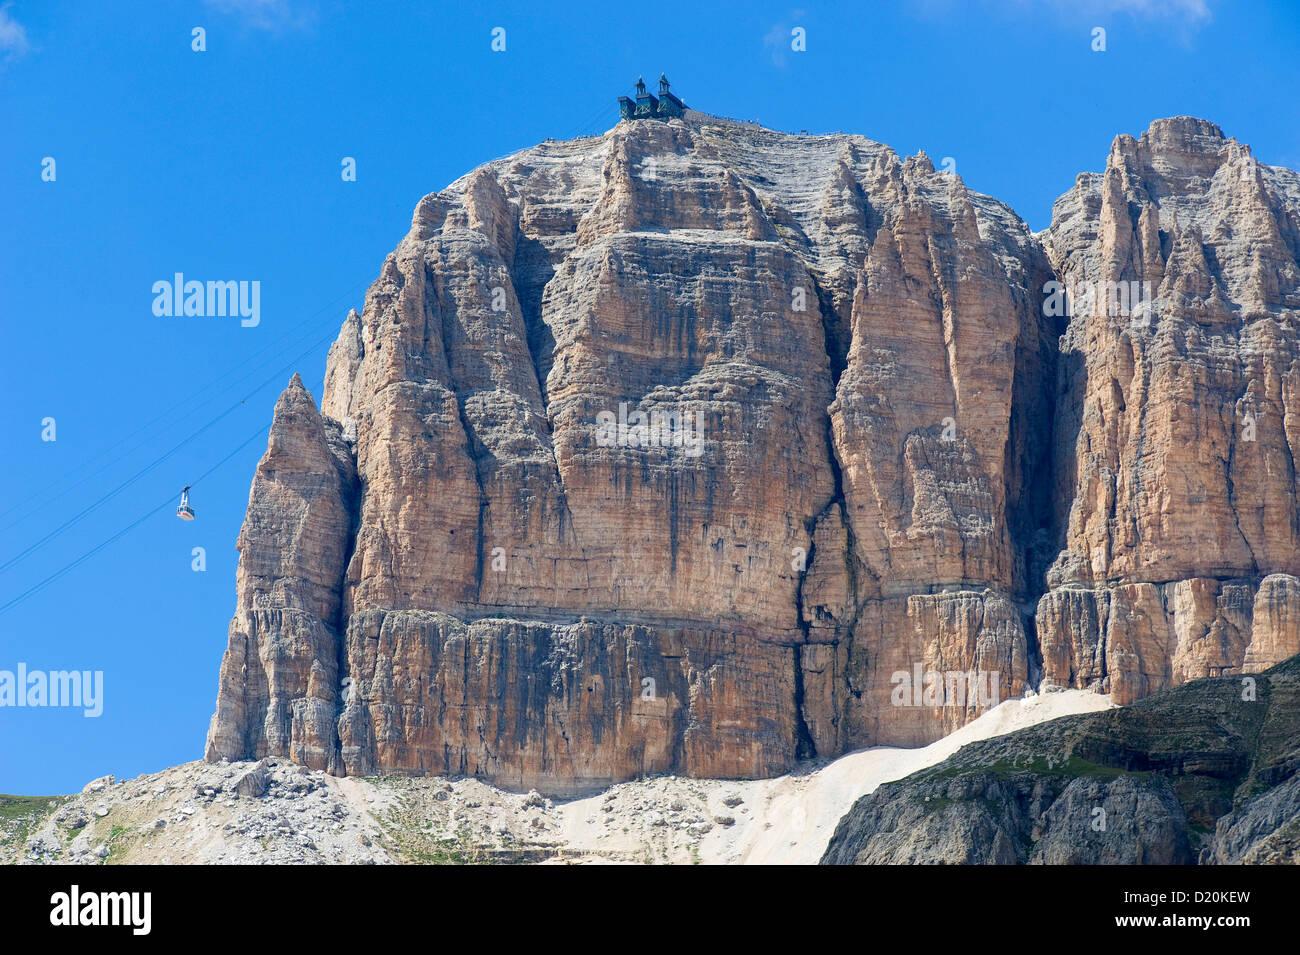 Sass Pordoi with cable car, Pordoi pass, Dolomites, Belluno, Italy, Europe - Stock Image